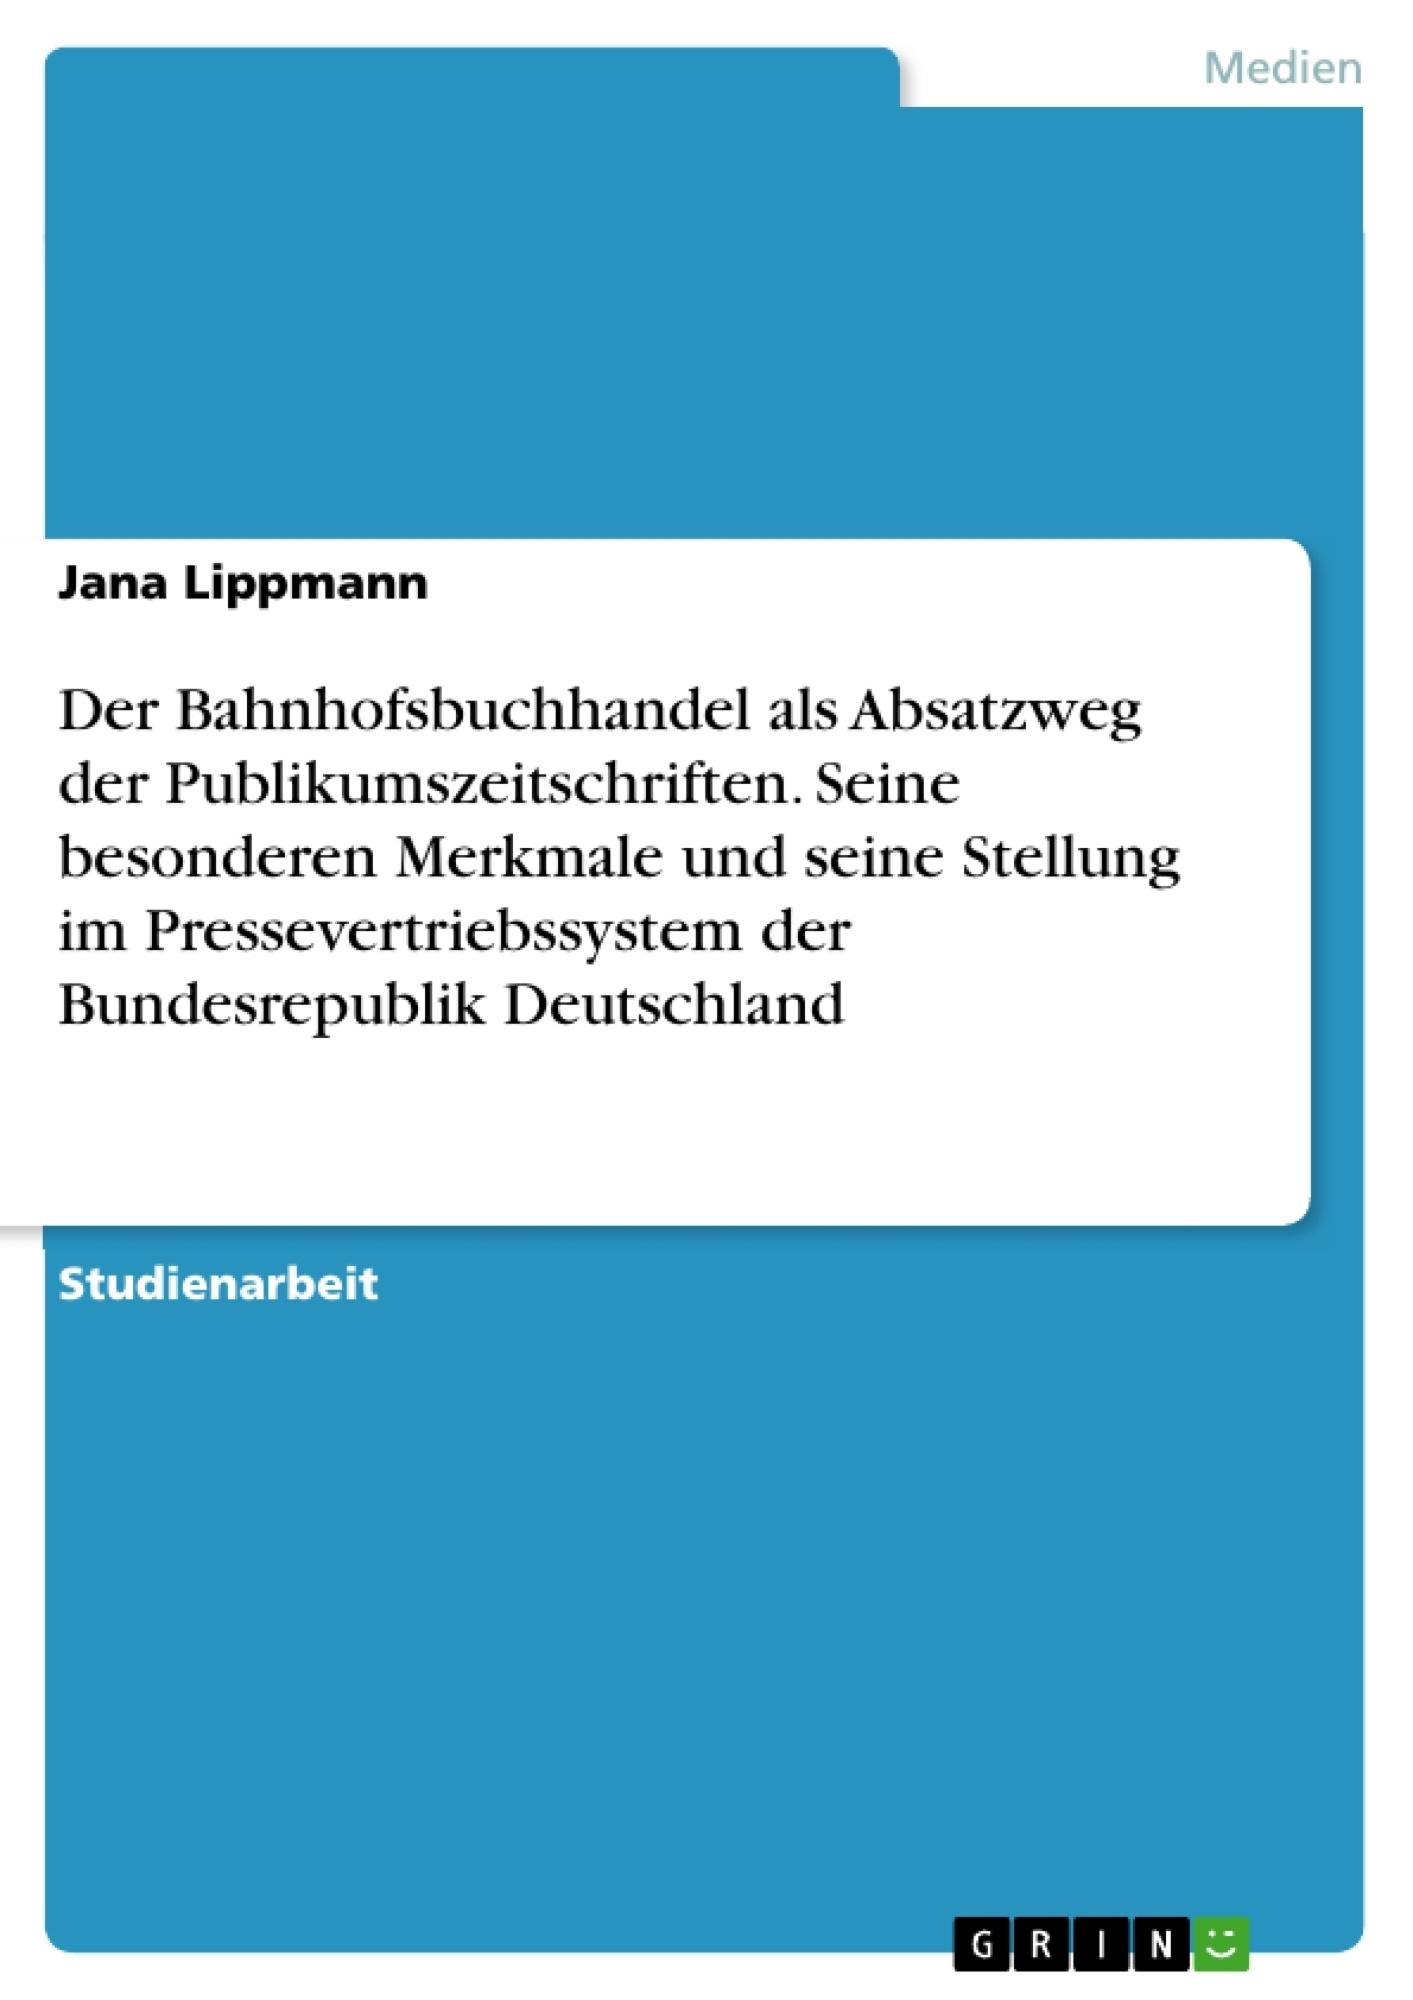 Titel: Der Bahnhofsbuchhandel als Absatzweg der Publikumszeitschriften. Seine besonderen Merkmale und seine Stellung im Pressevertriebssystem der Bundesrepublik Deutschland